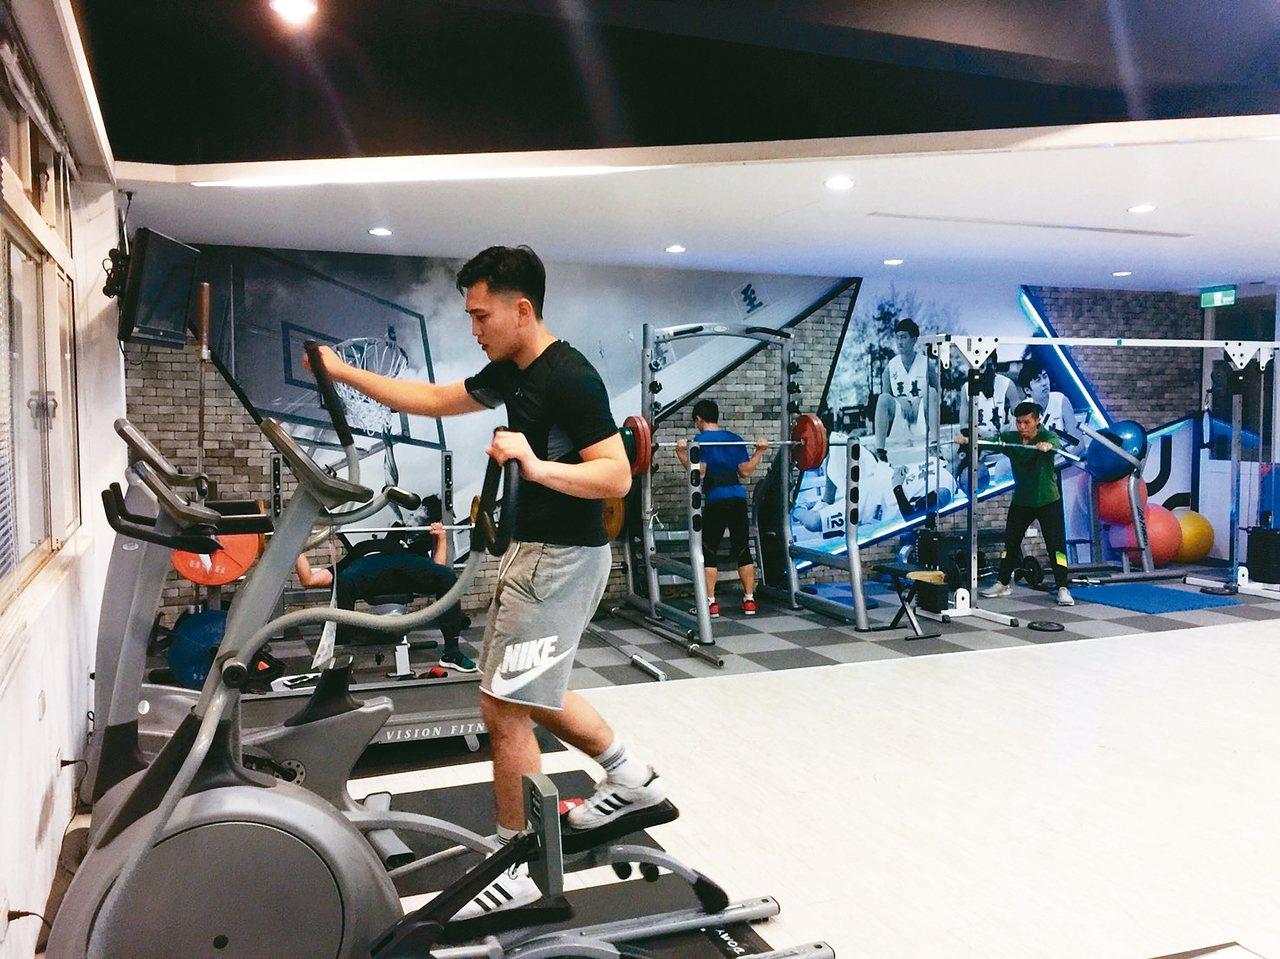 桃園市至善高中「大力士健身房」,開放全校師生使用。 記者許政榆/攝影